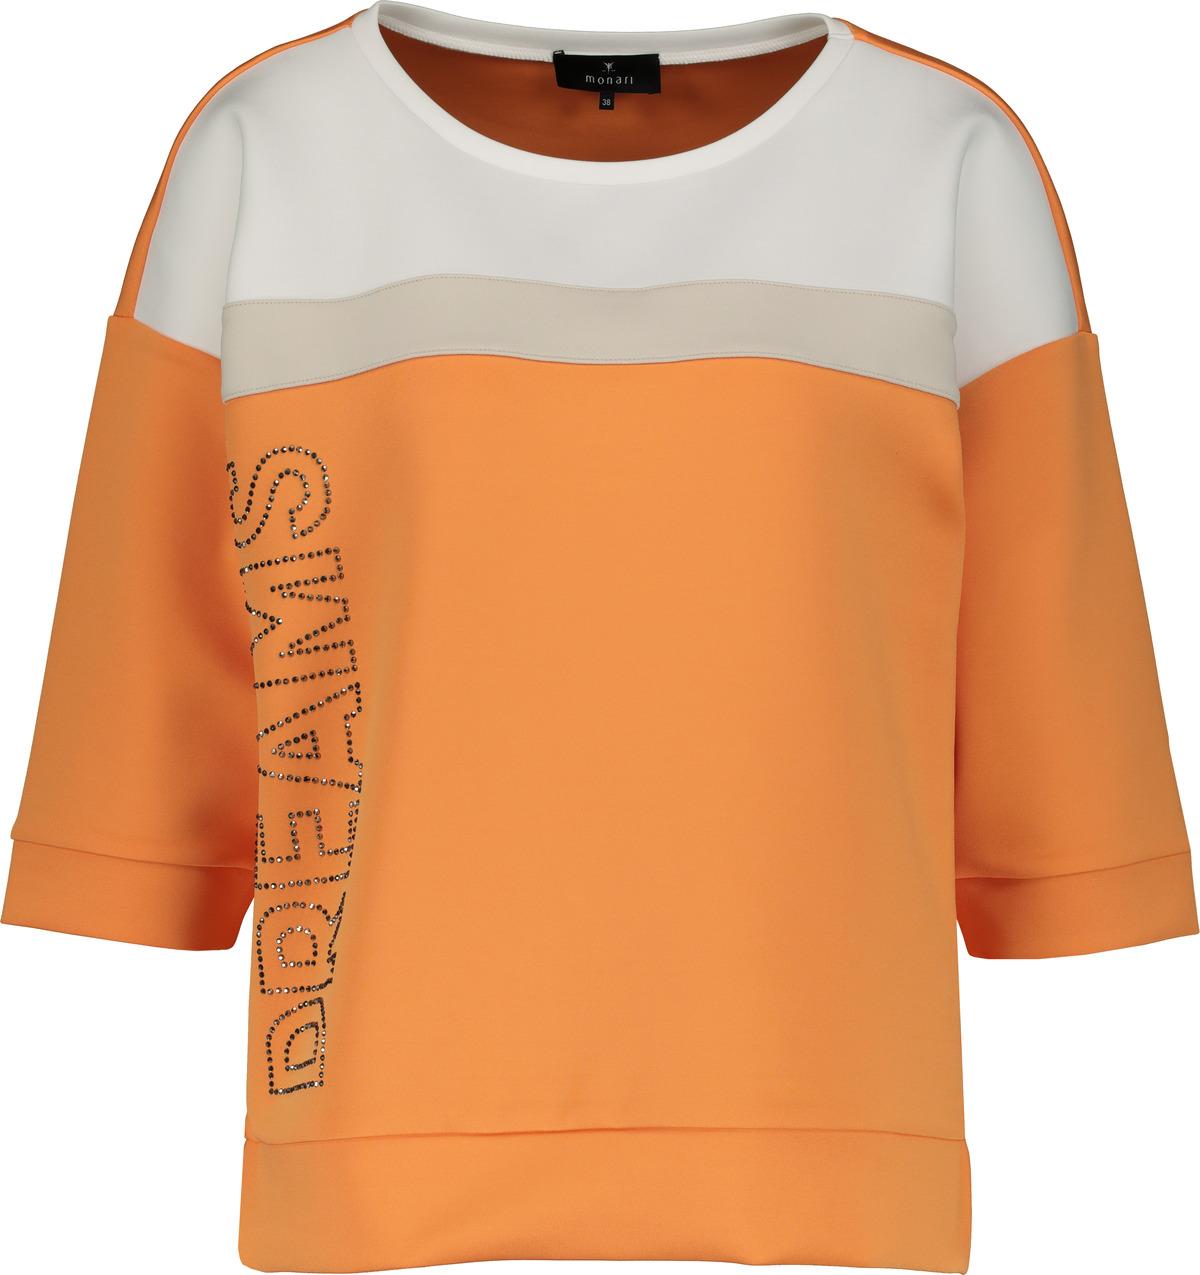 Monari halbarm Shirt mit Strassaufschrift orange